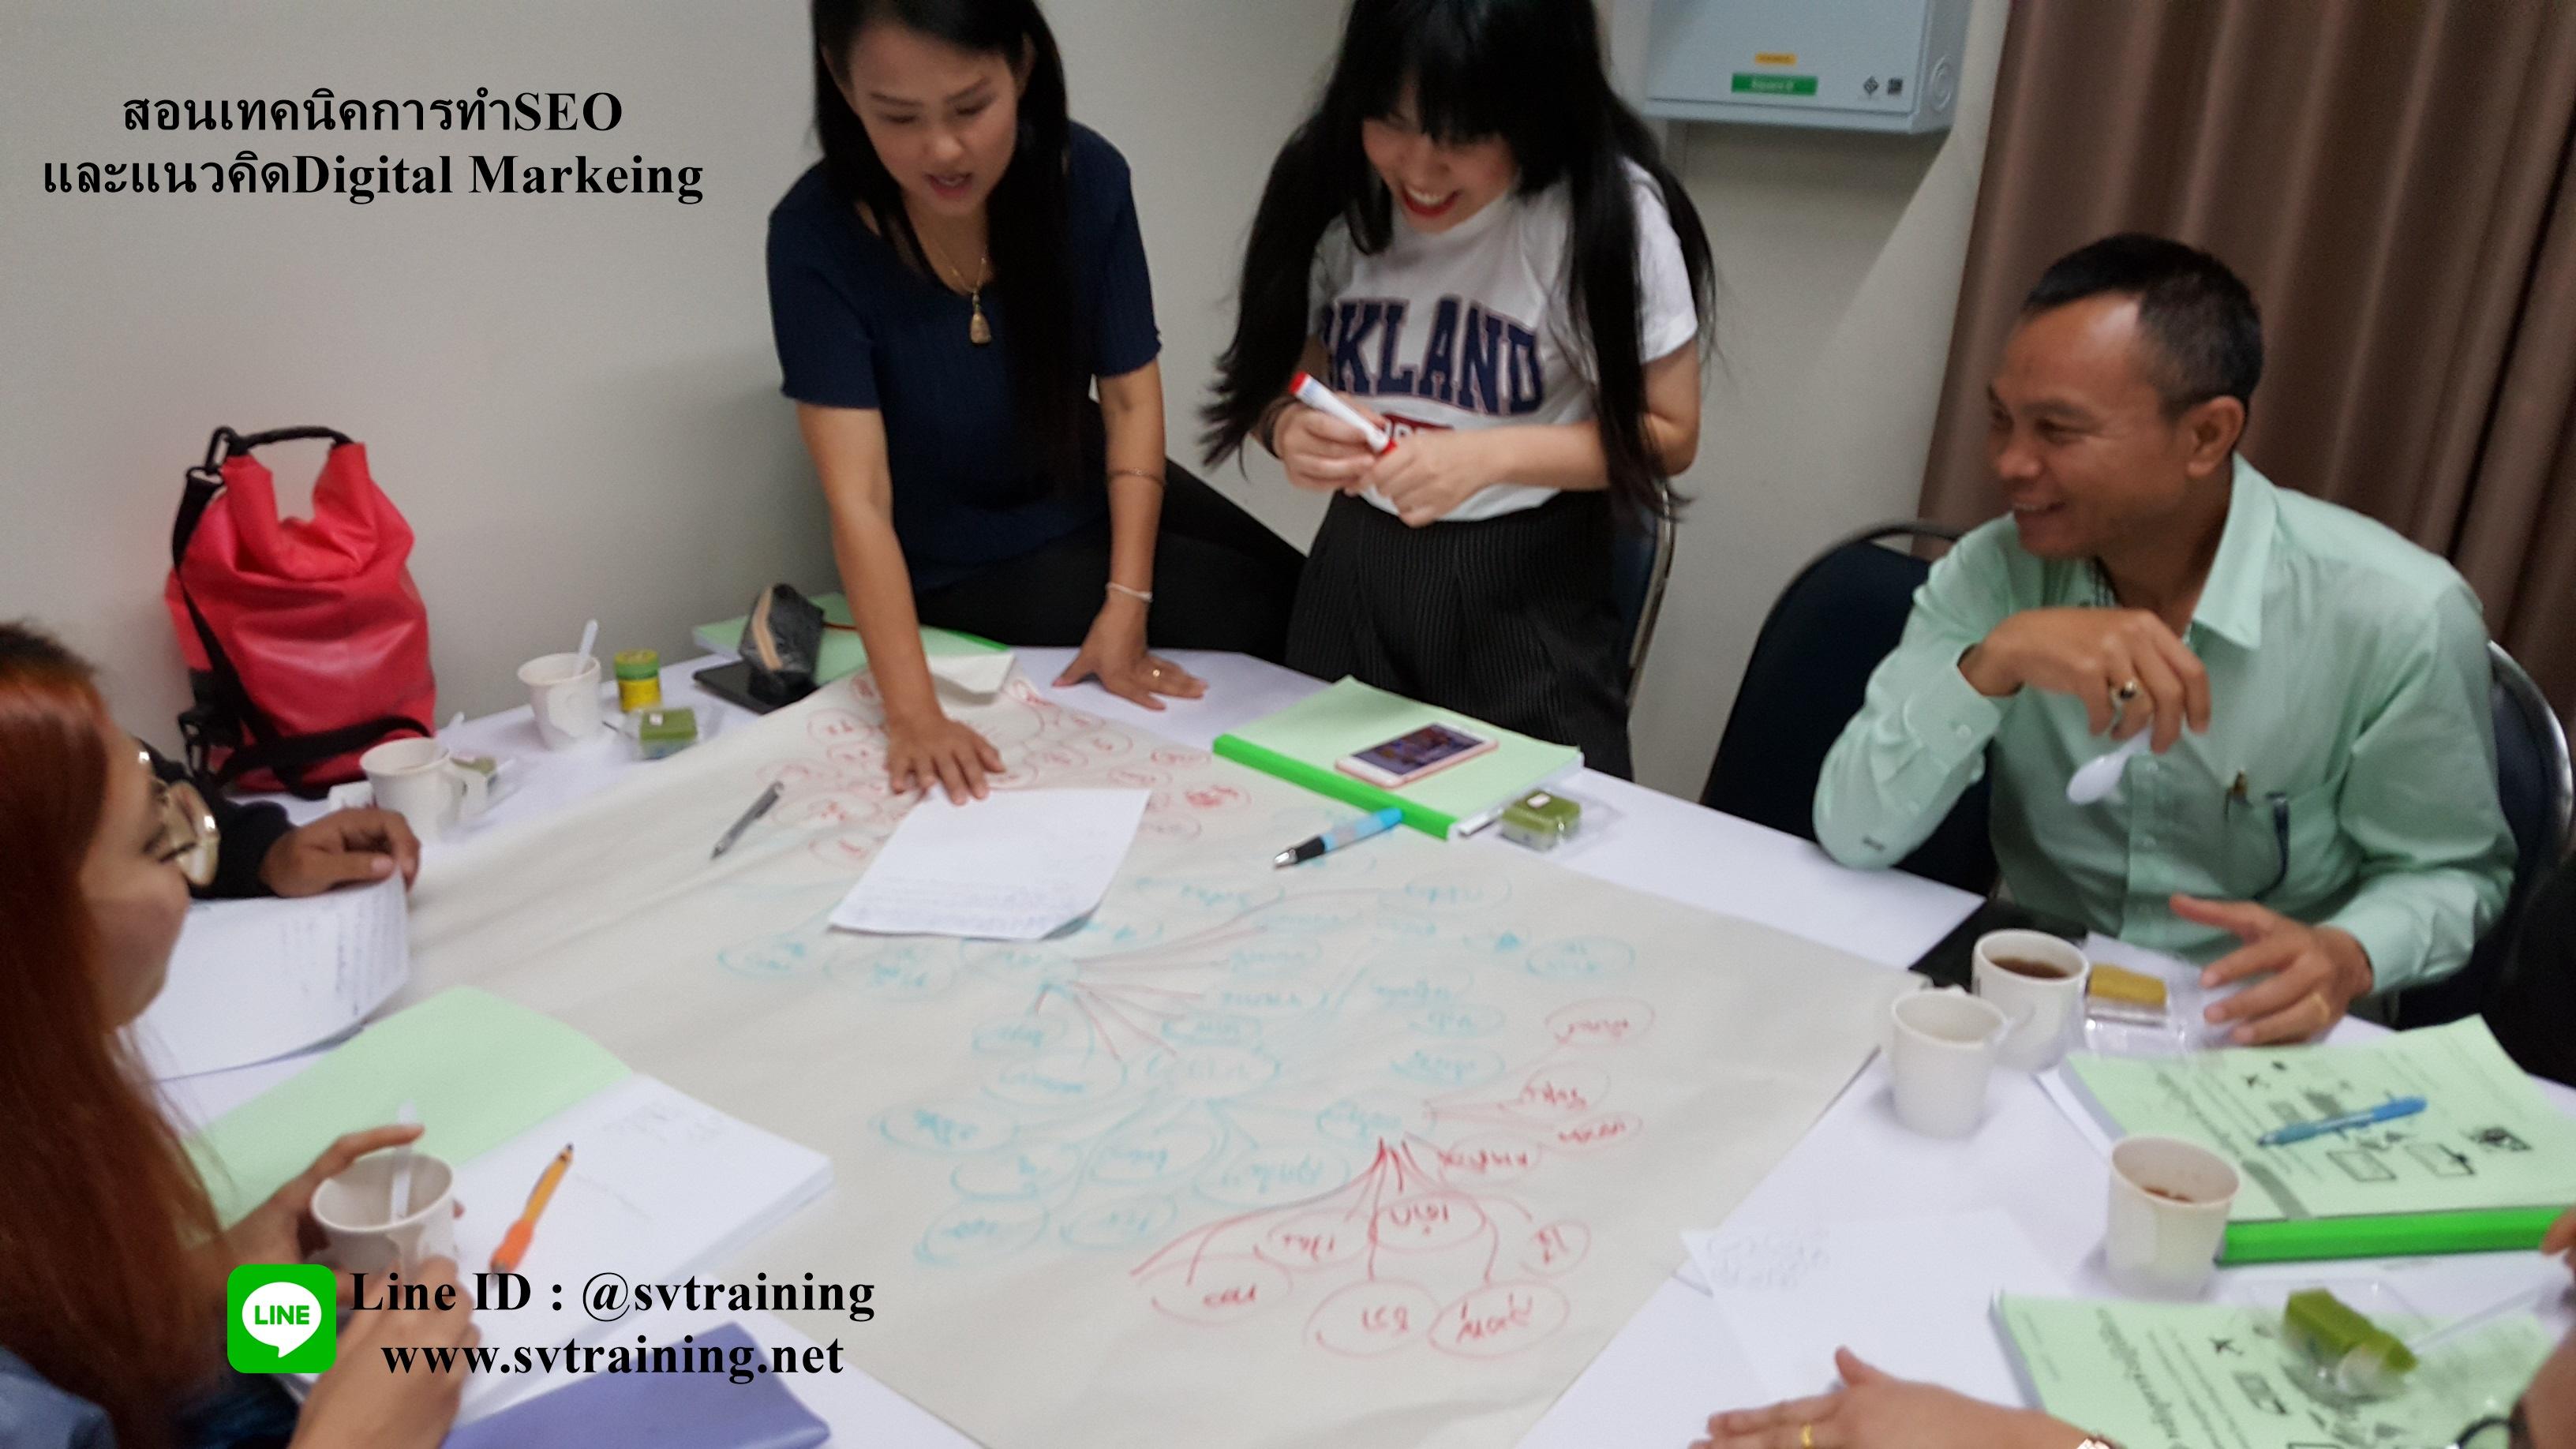 สัมมนาDigital Marketing Workshop สำหรับผู้ประกอบการ